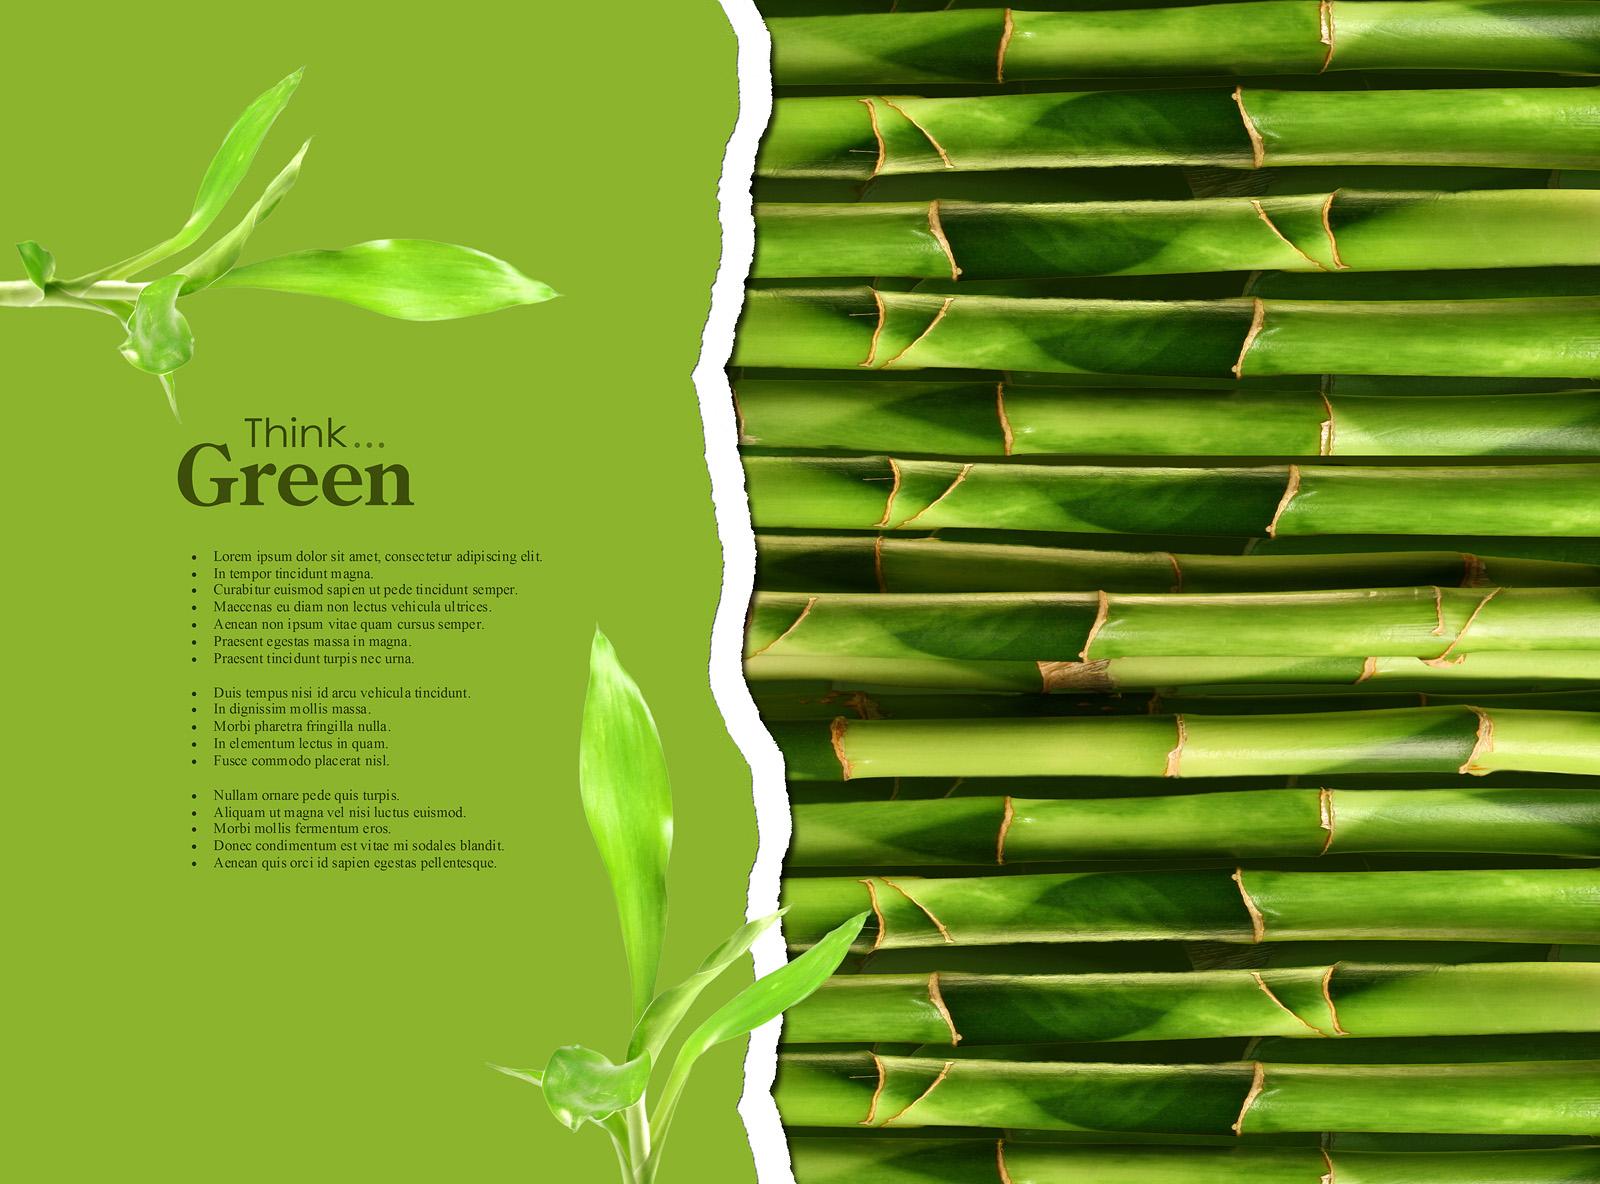 书籍封面设计要点 书籍封面设计注意事项